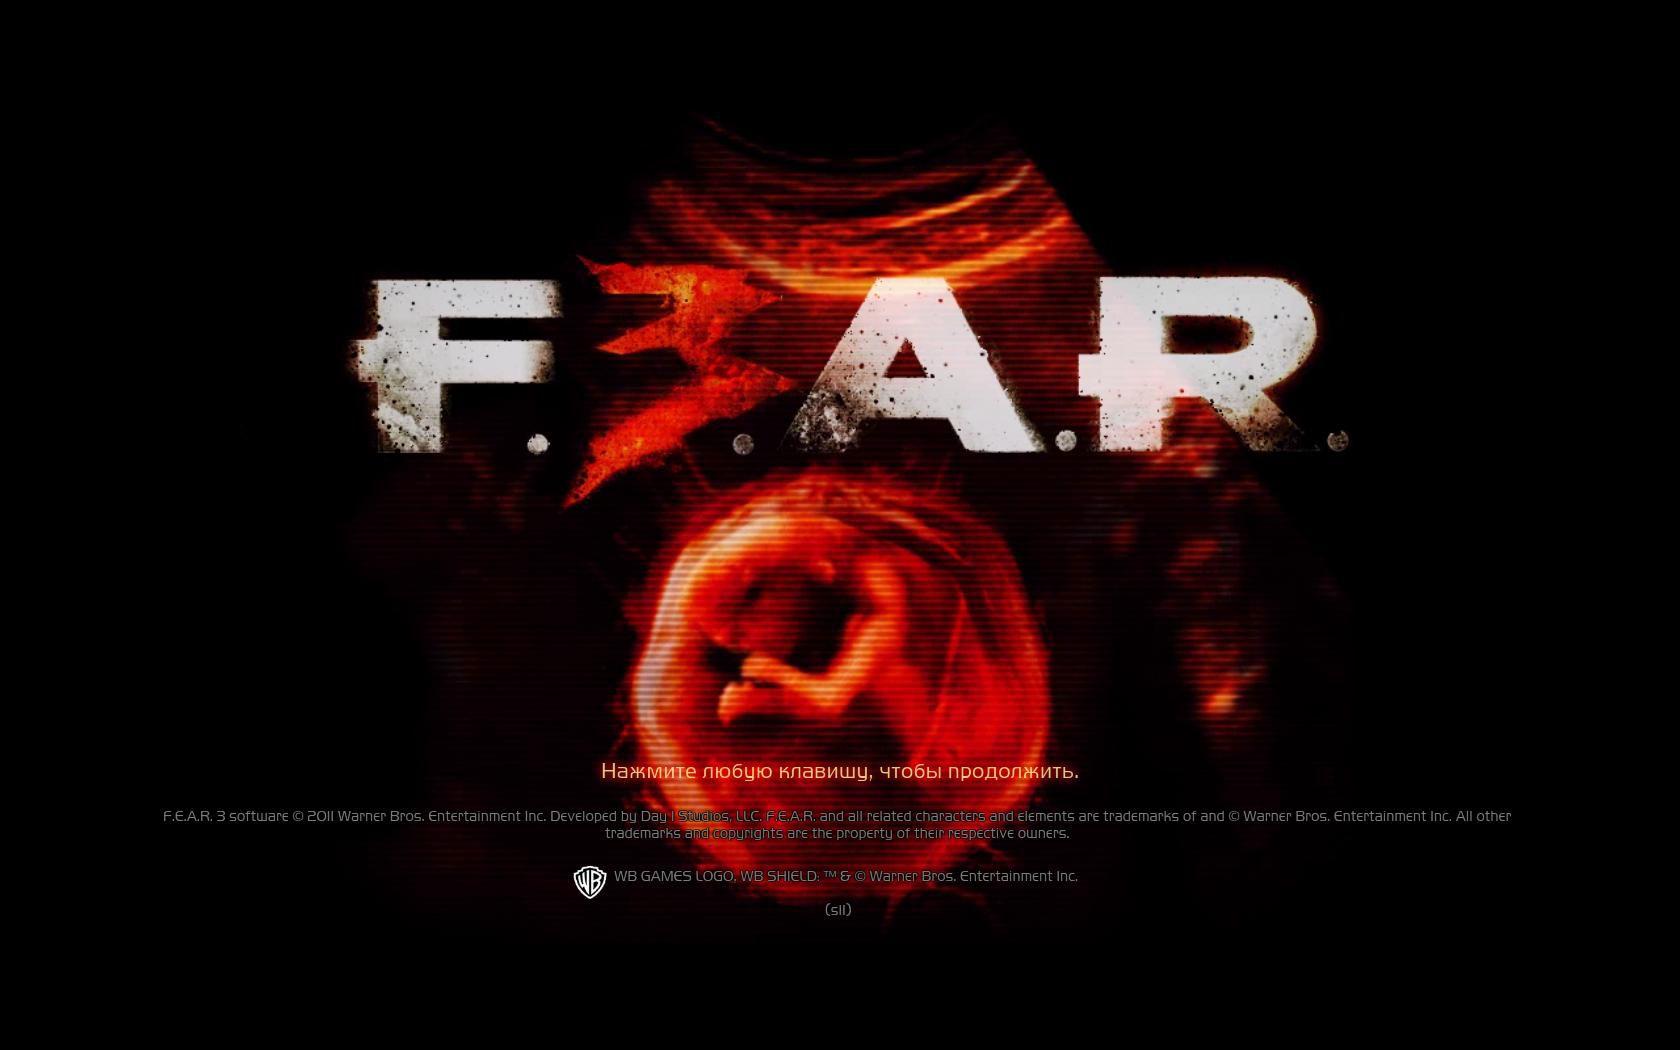 F.E.A.R 3 (2011) [Lossless RePack,Русский/Английский] (Обновлено 23.06.11)